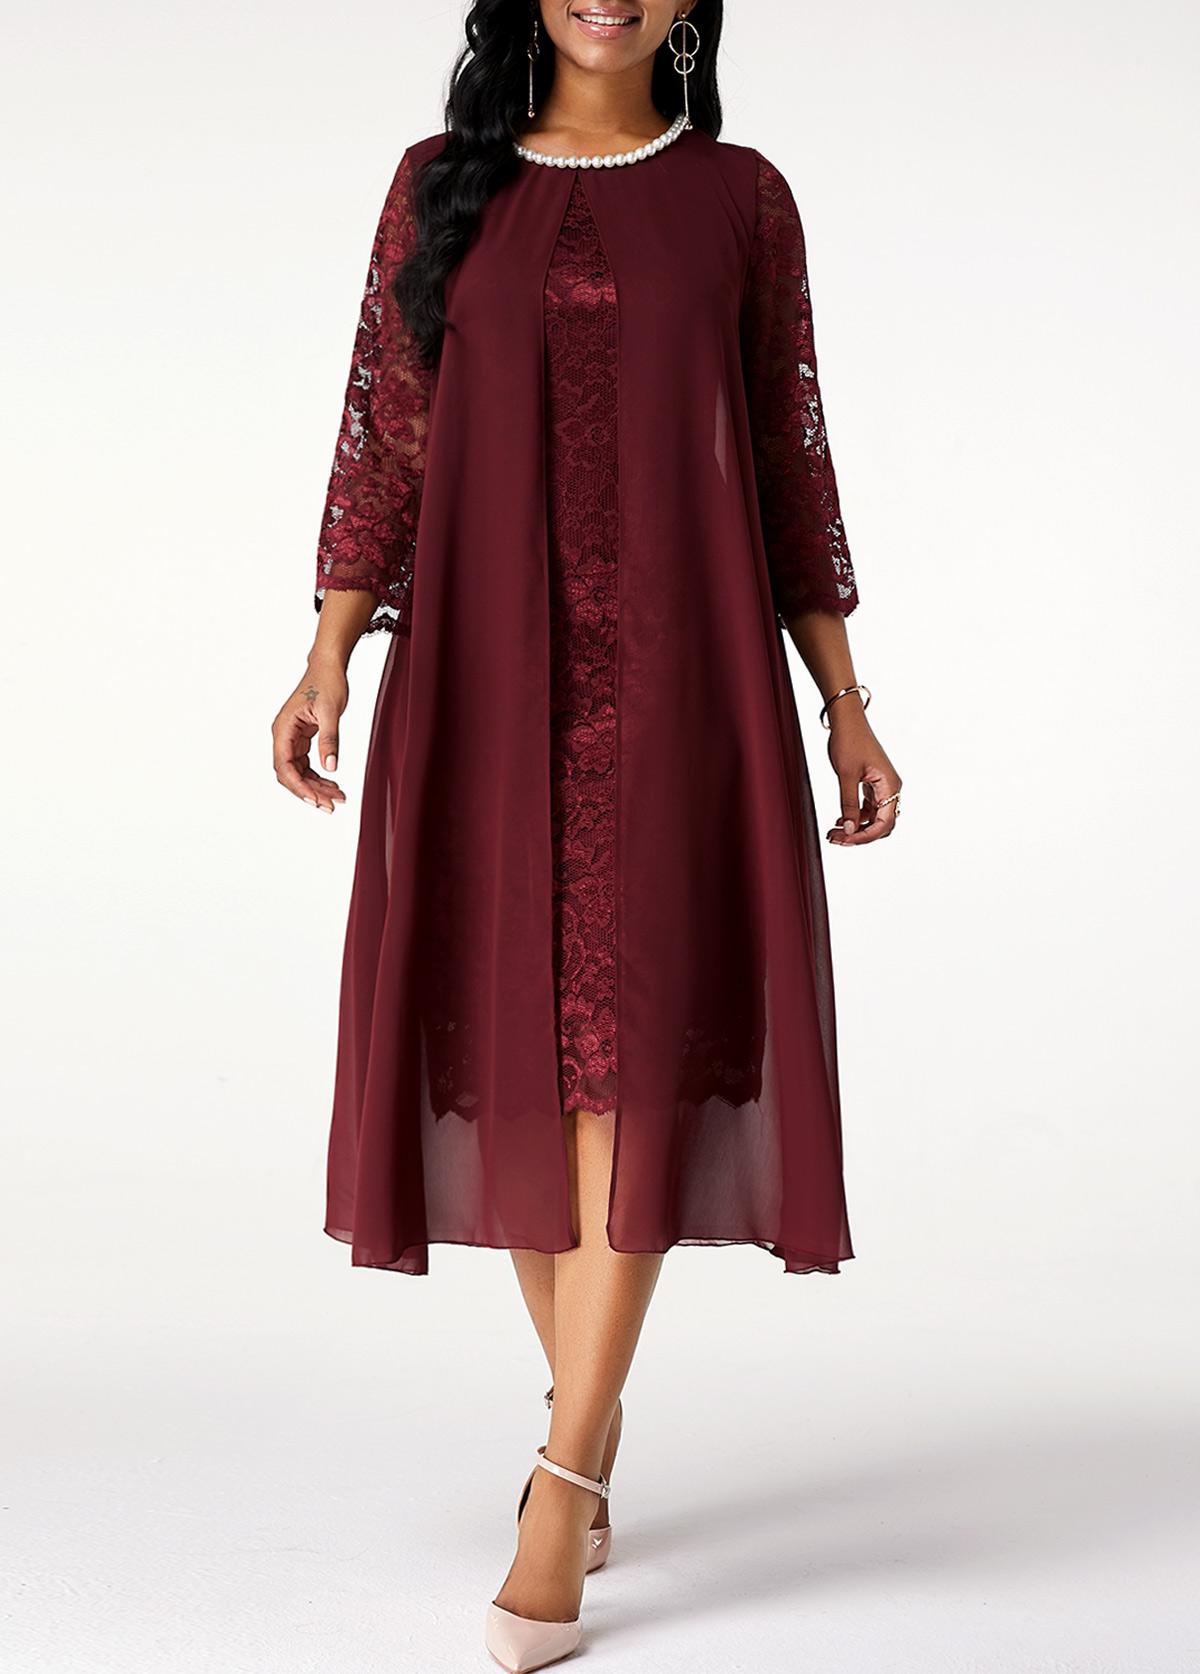 ROTITA Lace Stitching Chiffon Pearl 3/4 Sleeve Dress